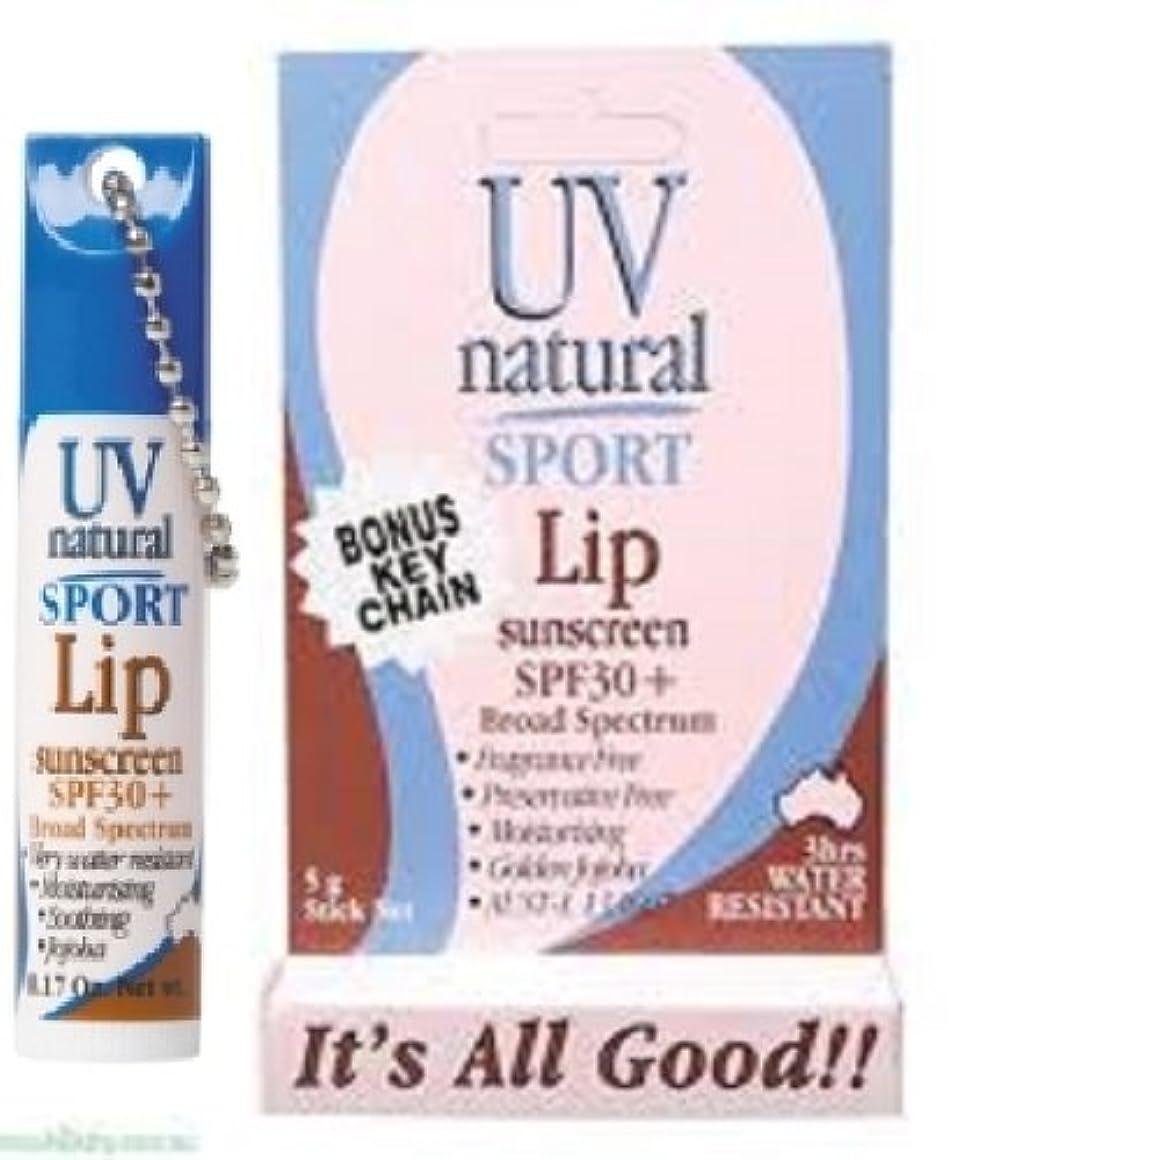 特徴づける空港拷問【UV NATURAL】Lip Sunscreen 日焼け止め Sport SPF30+ 5g 3本セット